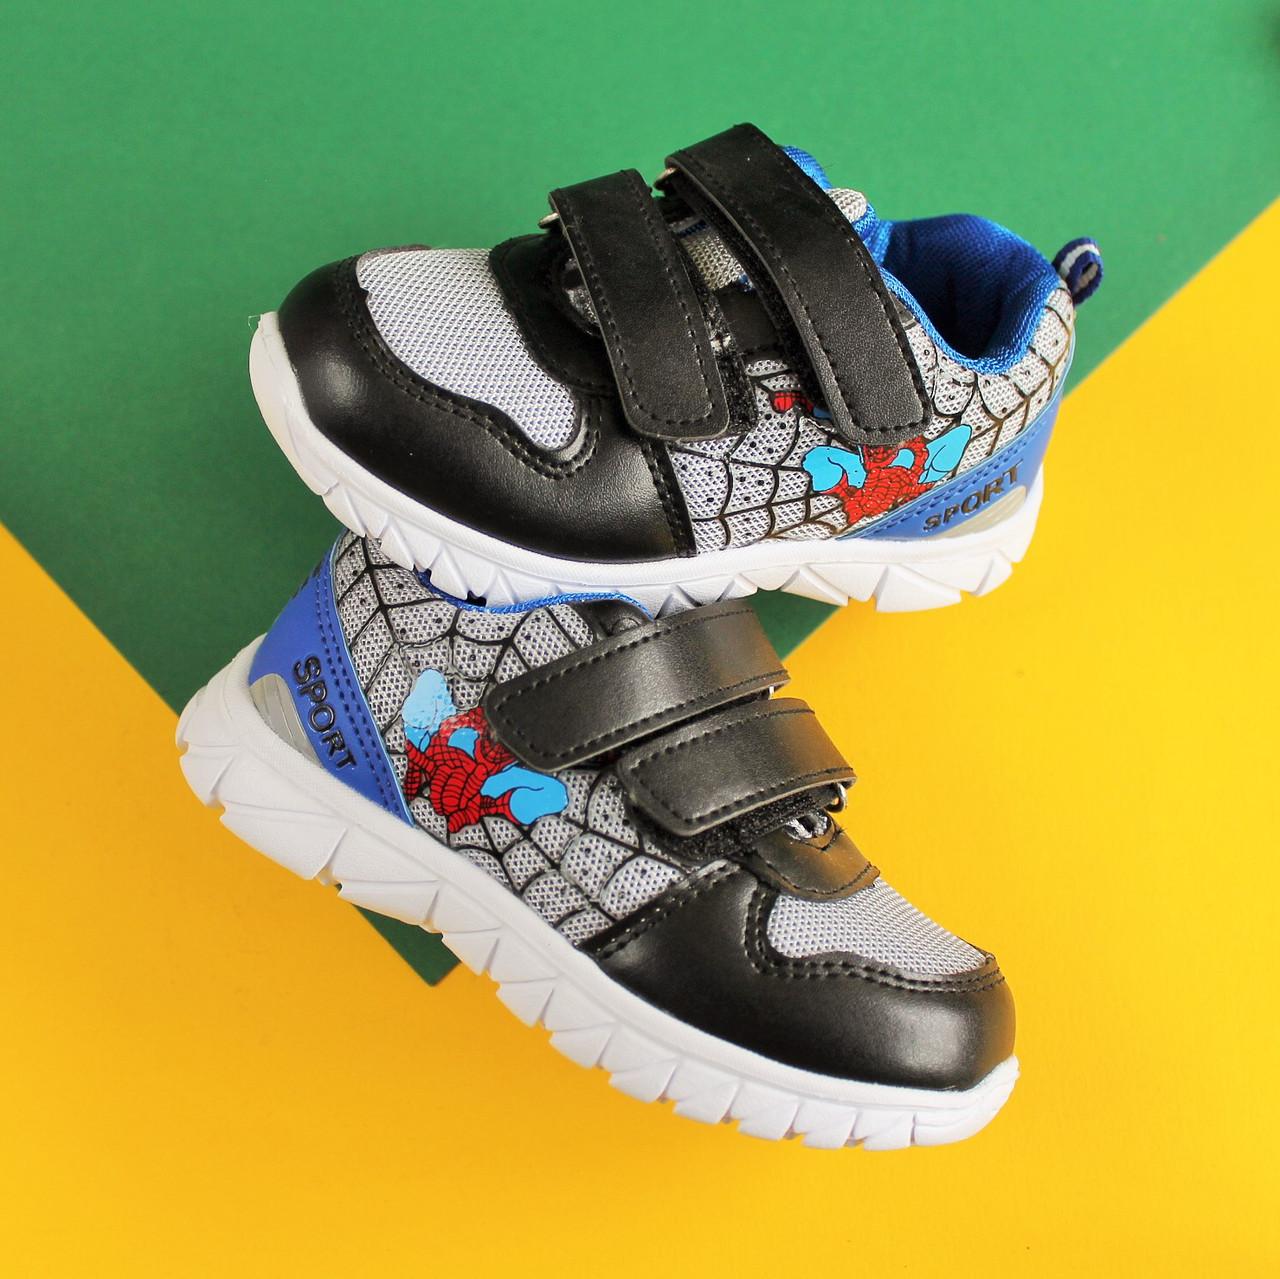 Кроссовки на мальчика Супер герой детская спортивная обувь тм Tom.m р. 21,23